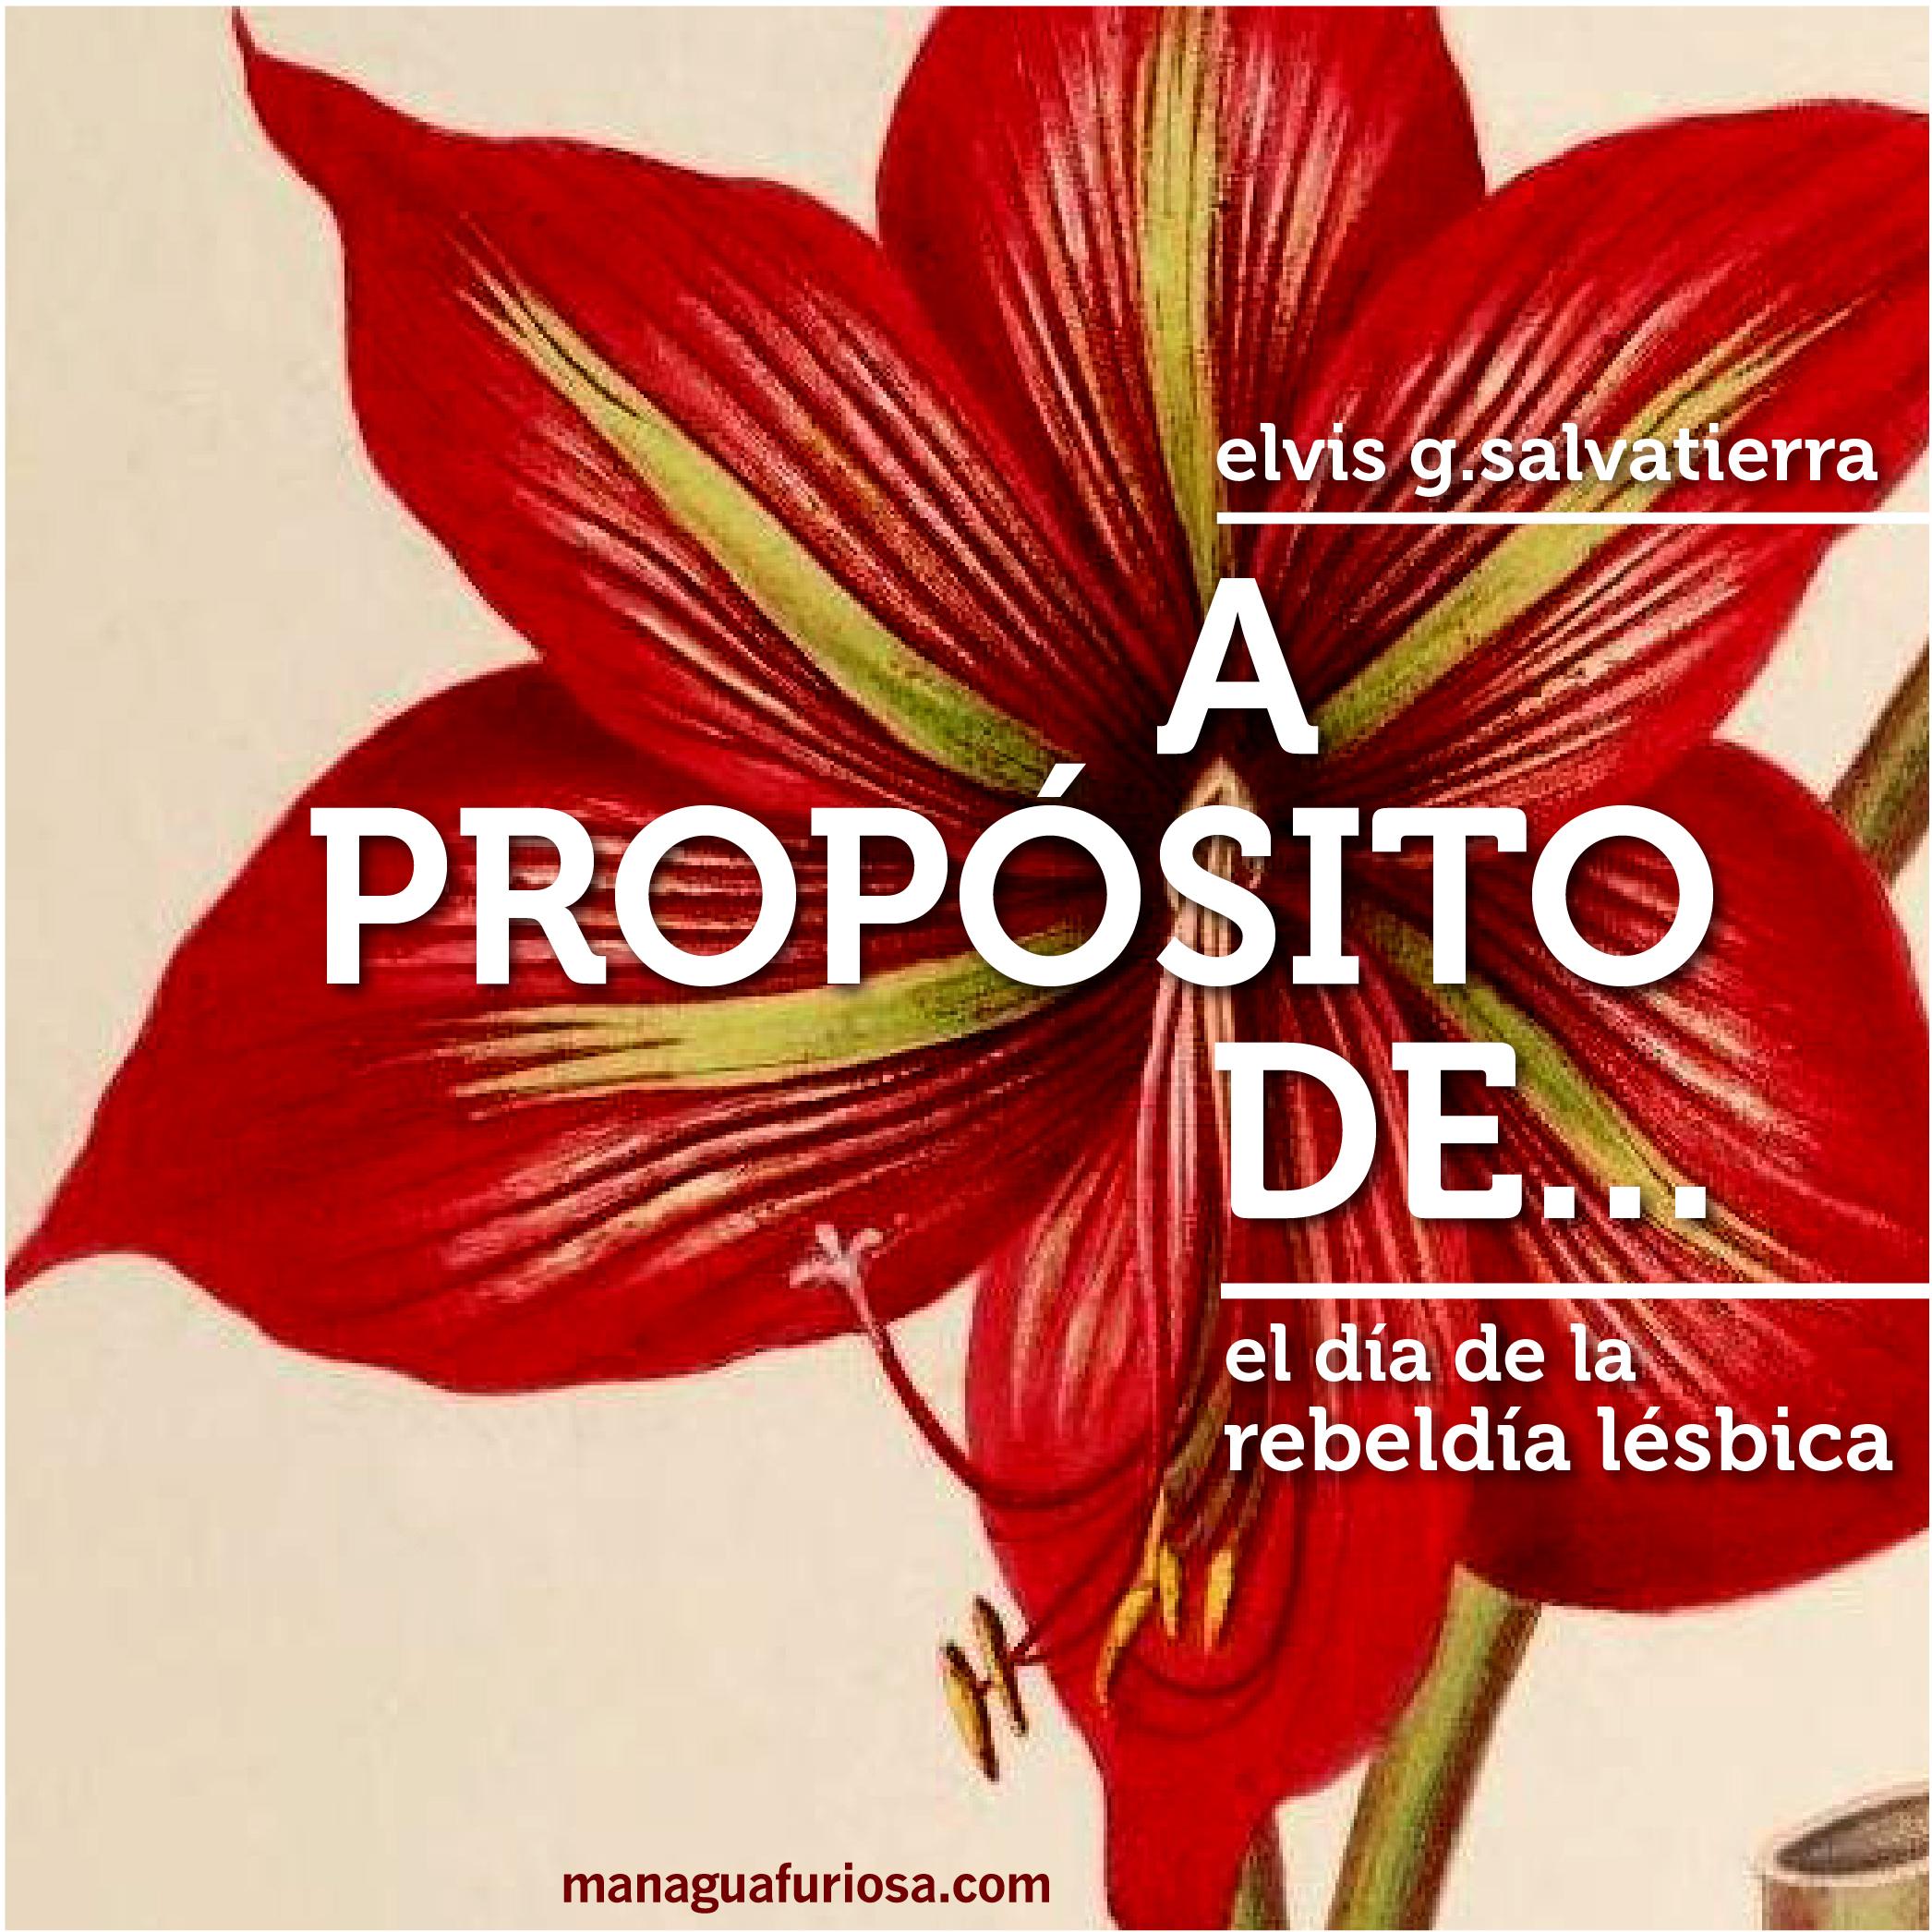 A PROPOSITO DE rebeldia lesbica-04